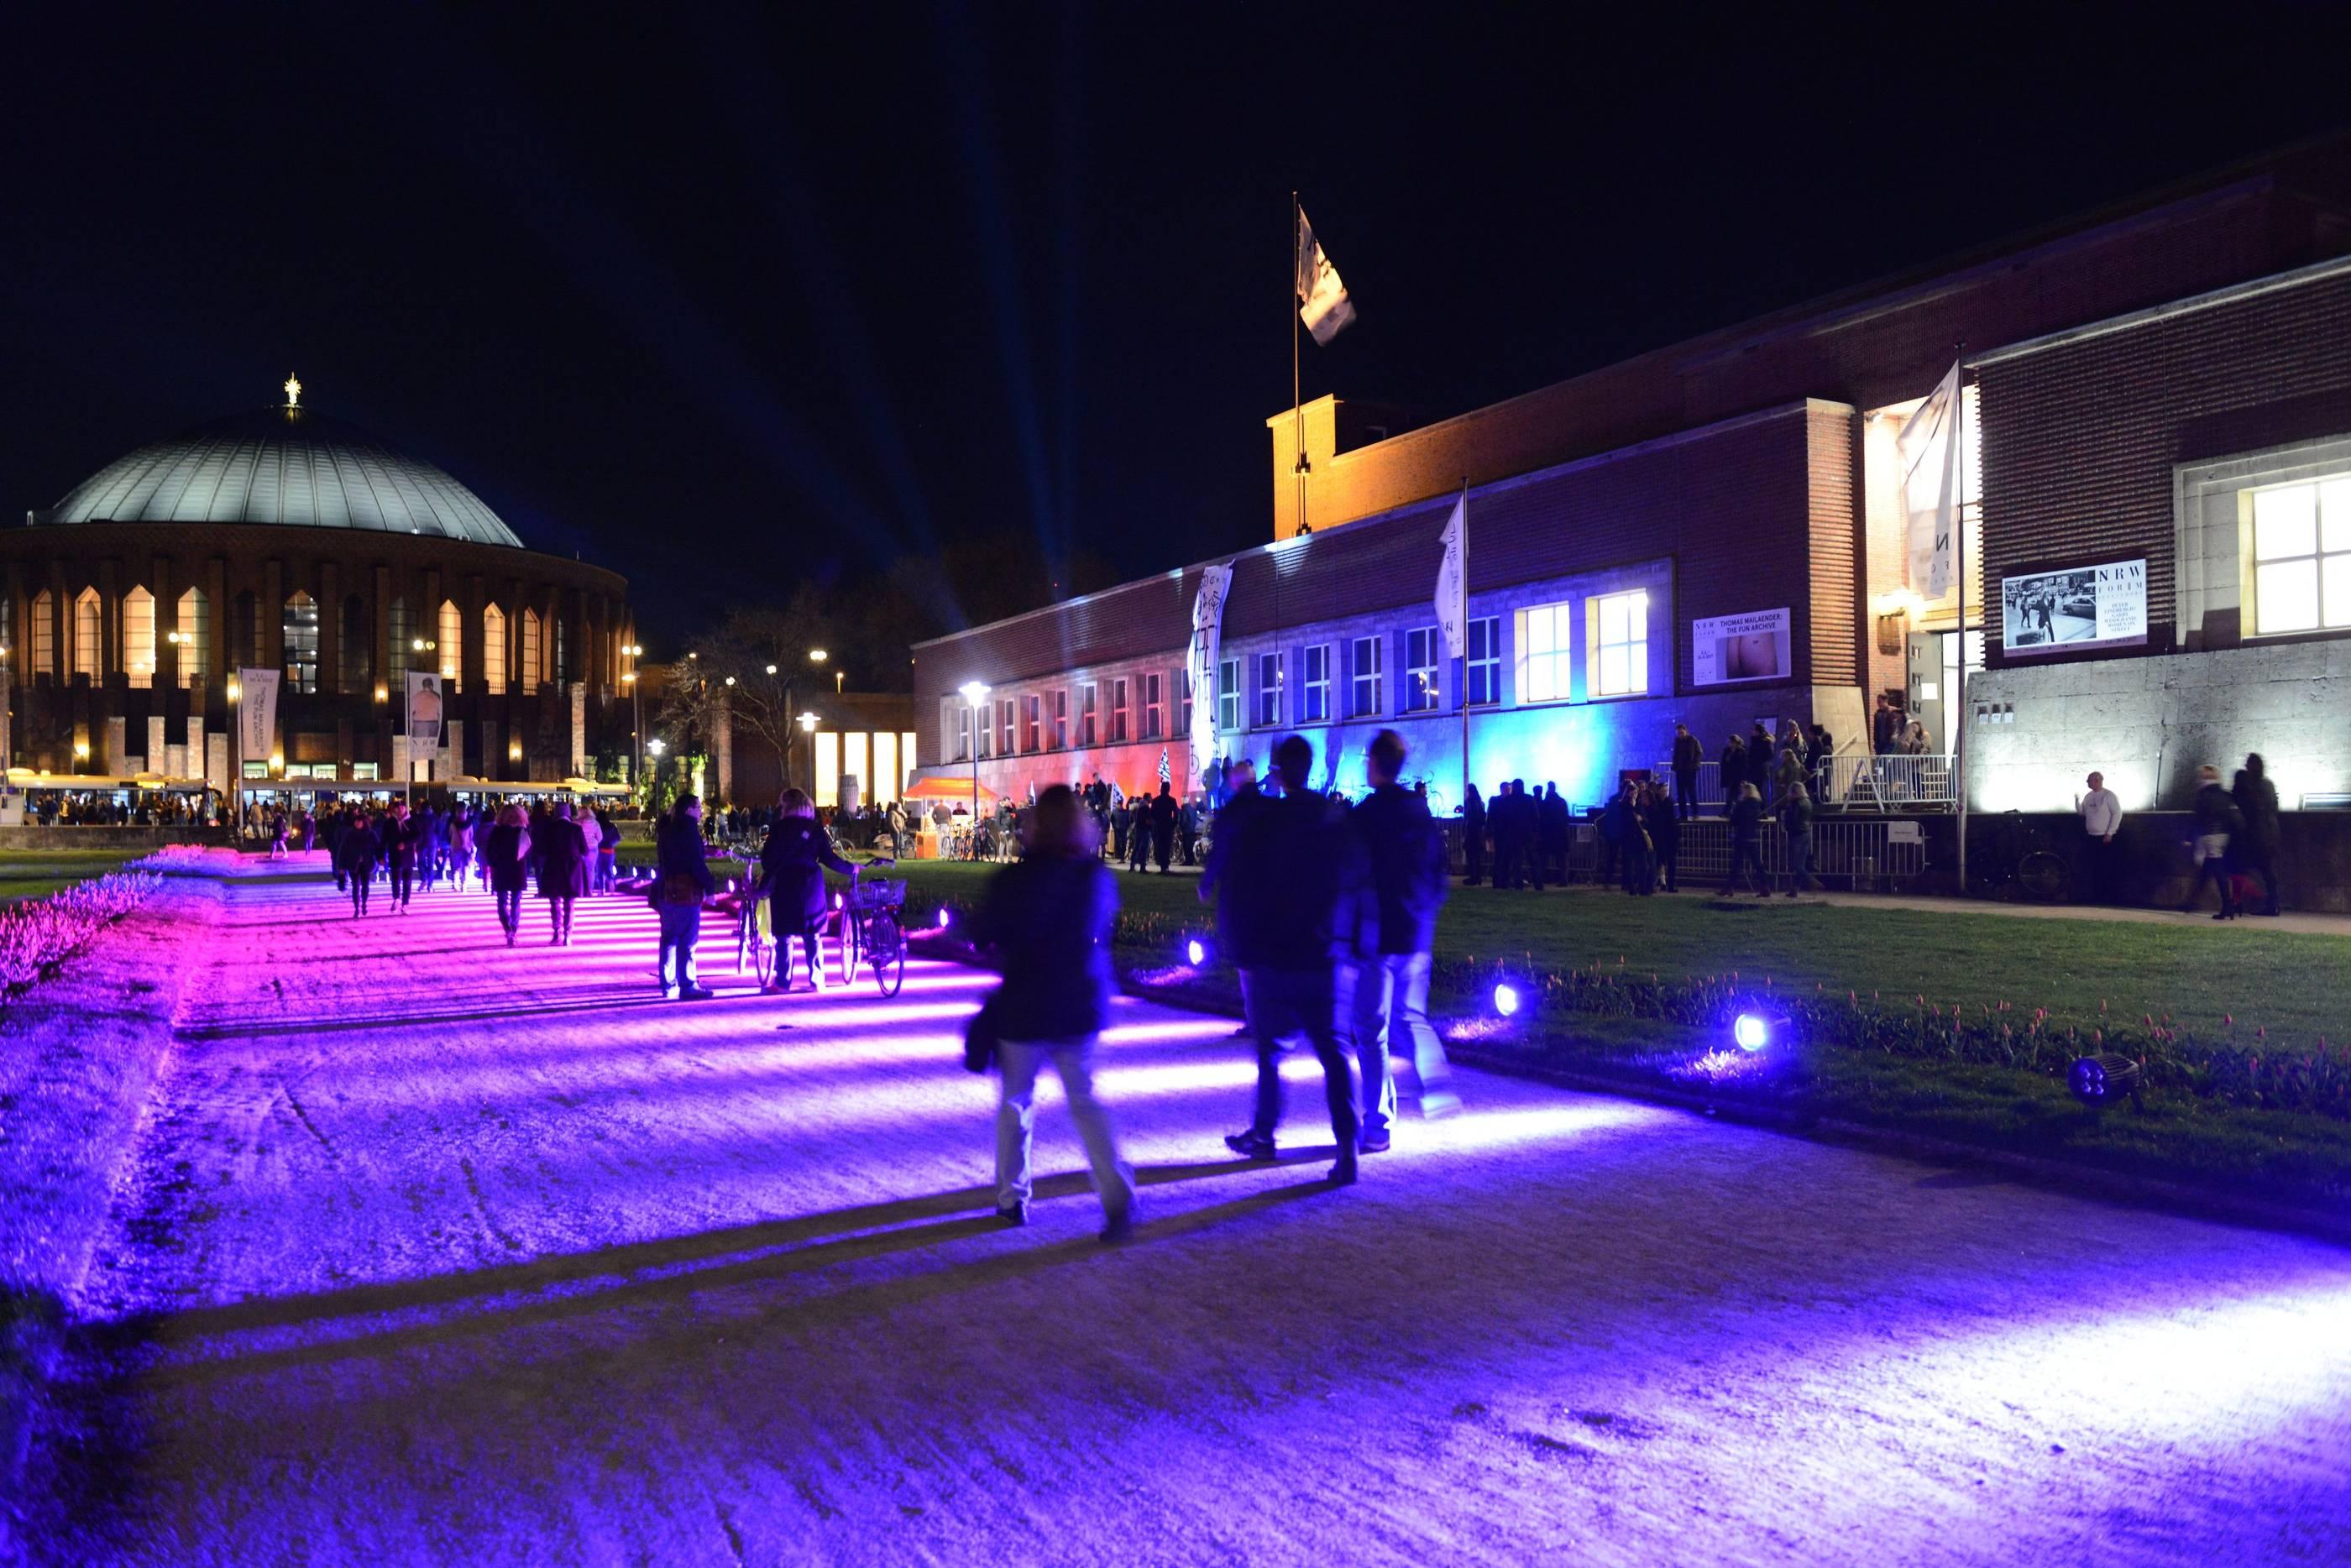 düsseldorf nacht der museen